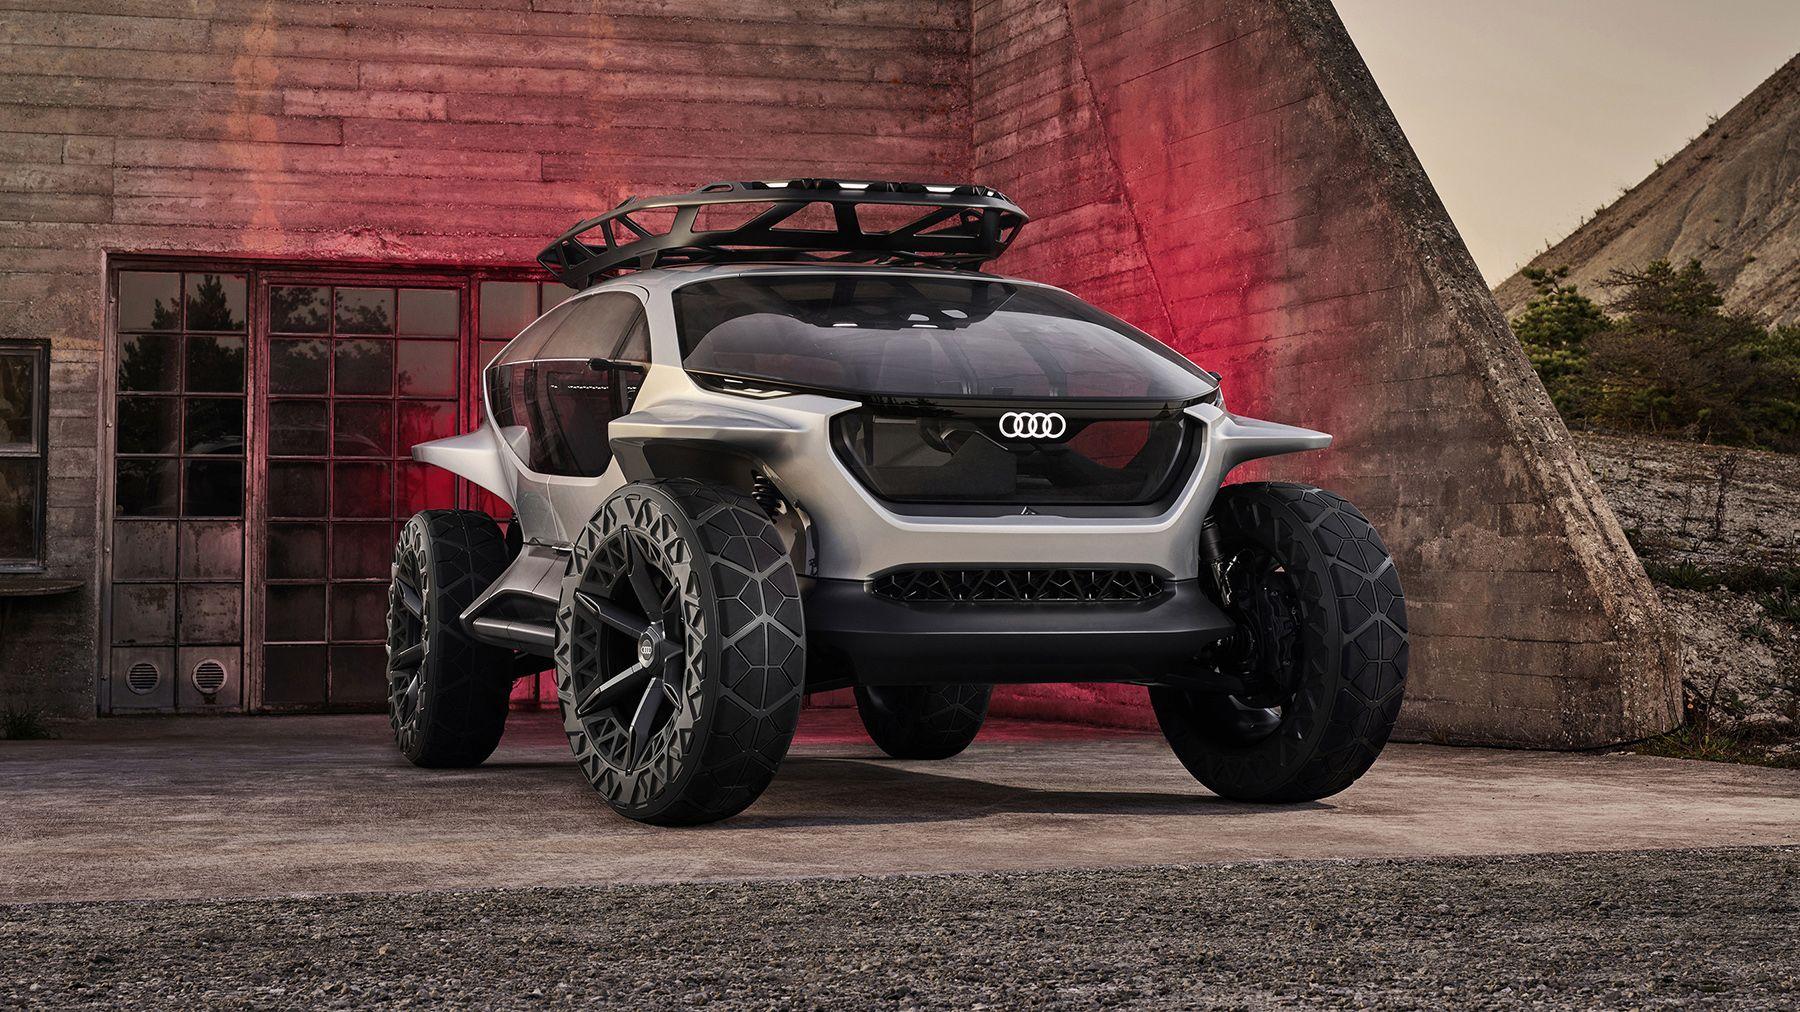 2019 Audi Ai Trail Quattro Concept Debuts At Frankfurt Motor Show Electric Off Road Concept Car Photos And Specs